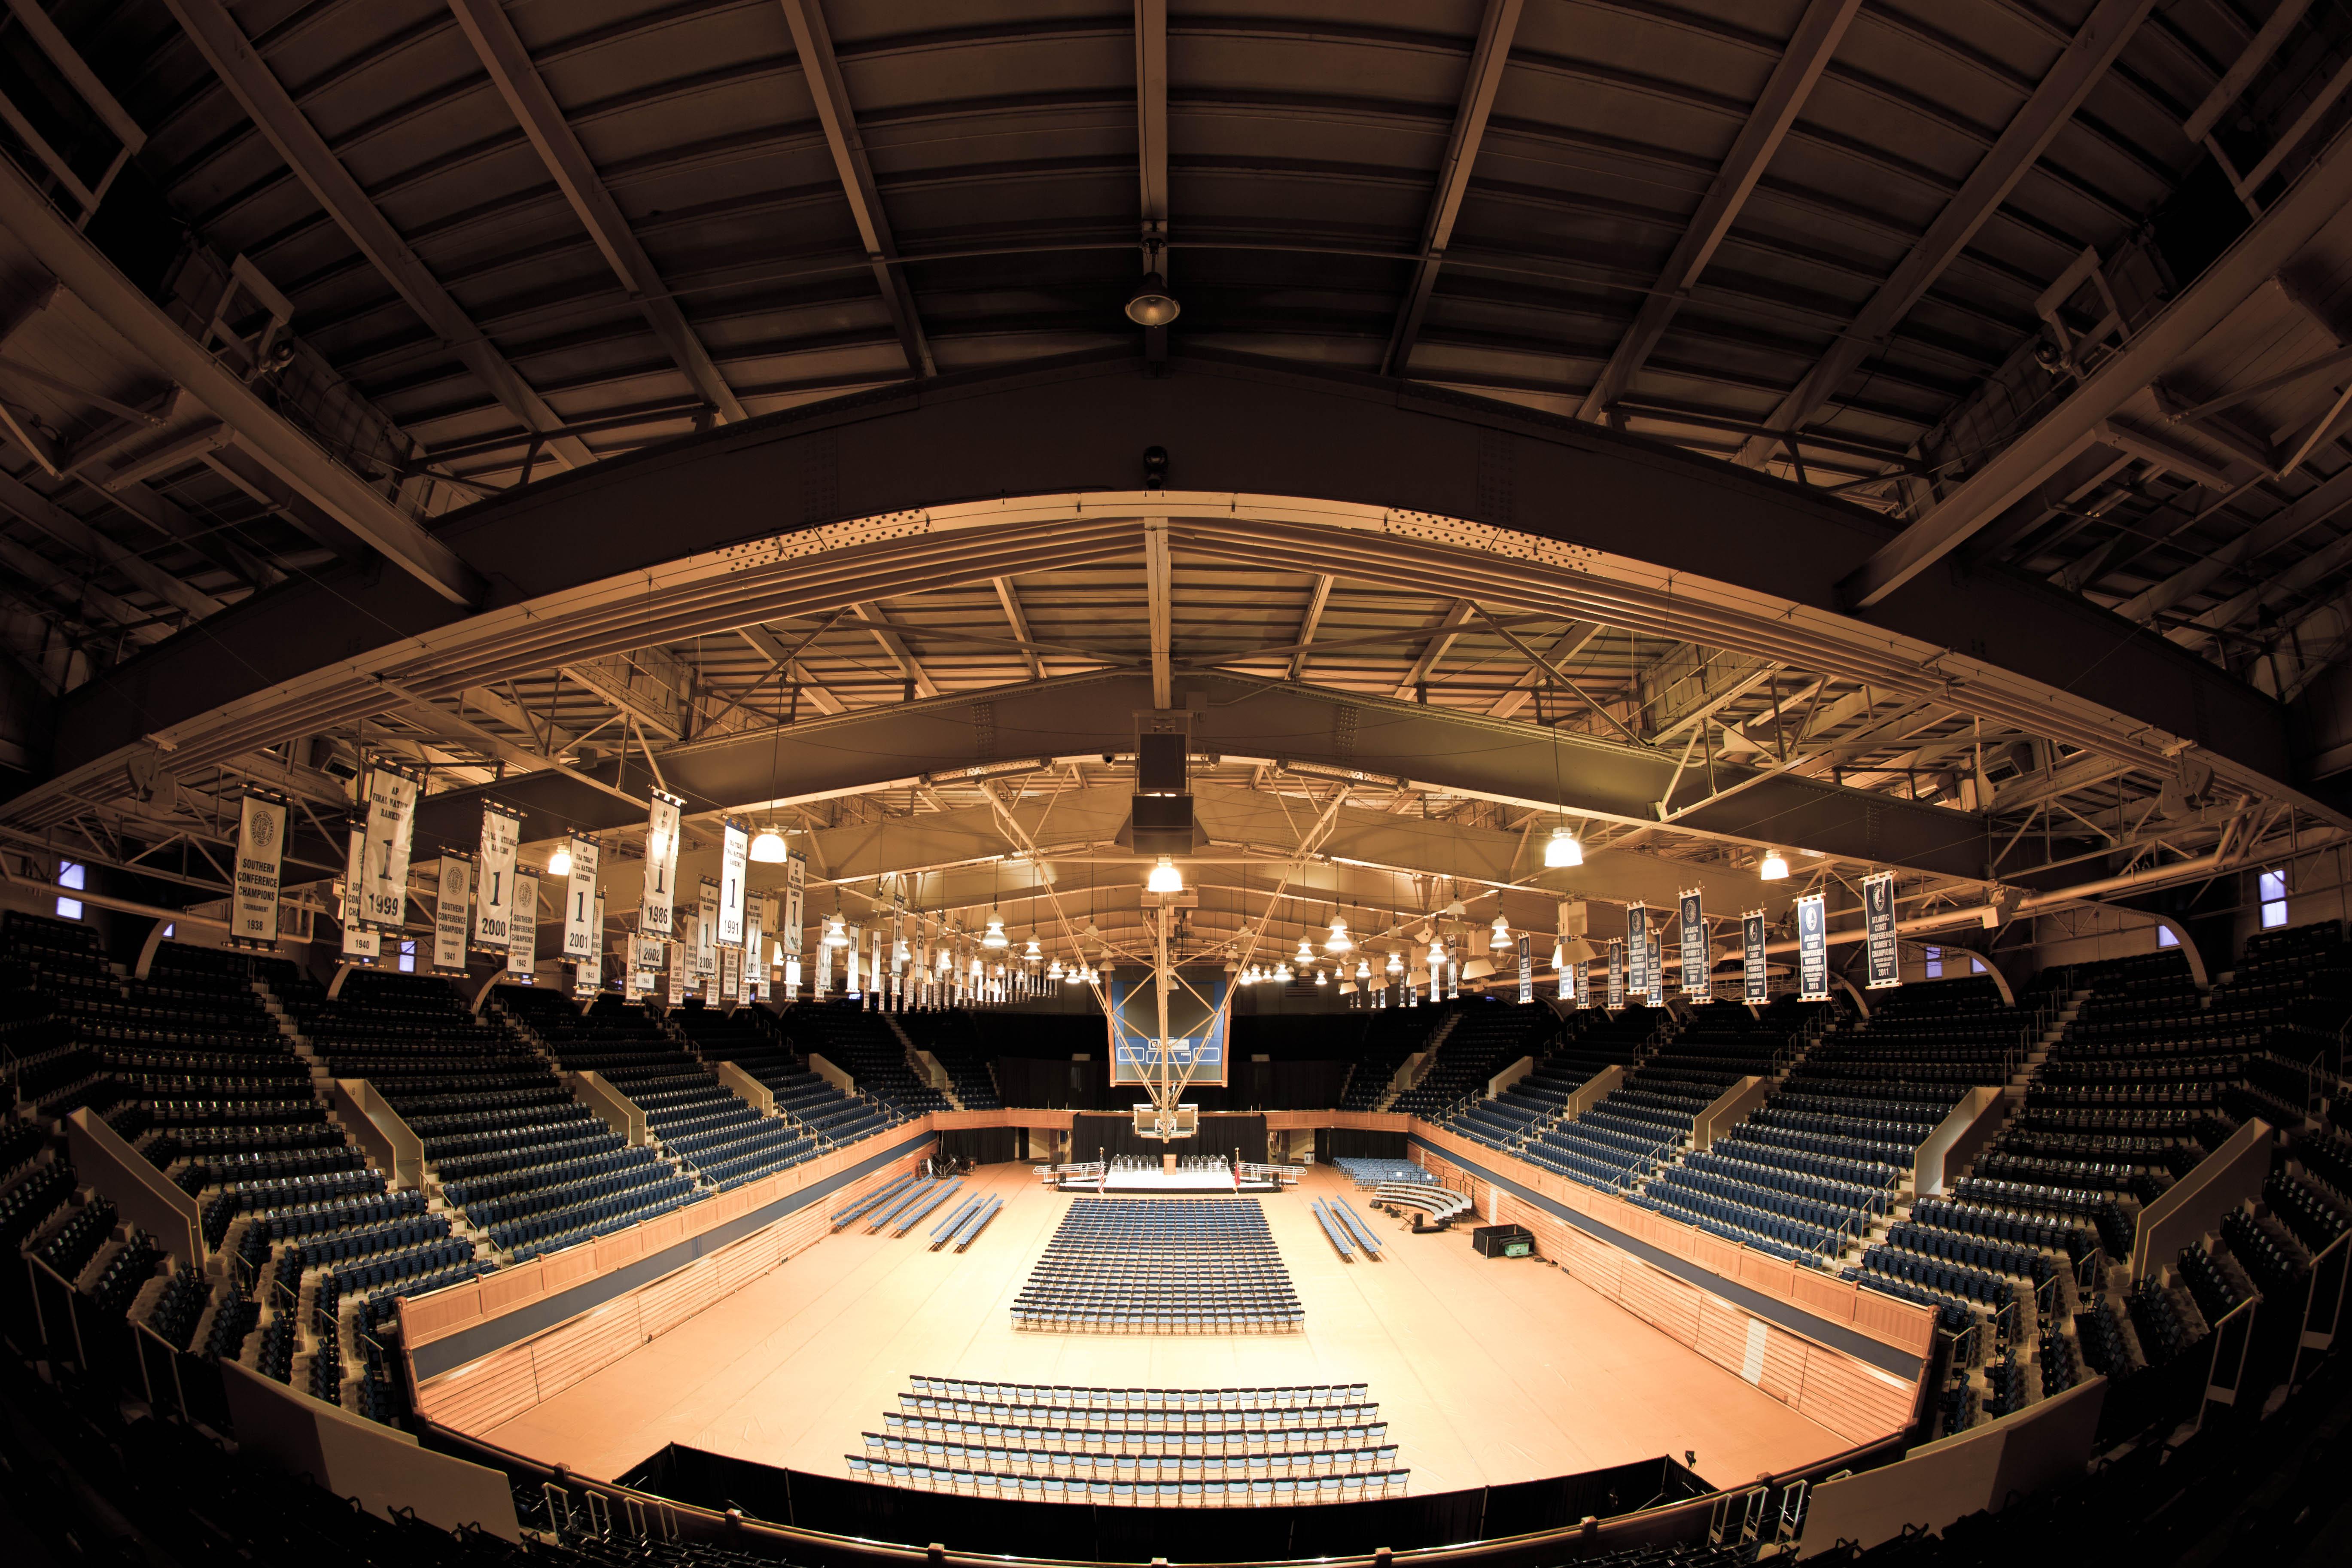 File:Cameron Indoor Arena, June 2011.jpg